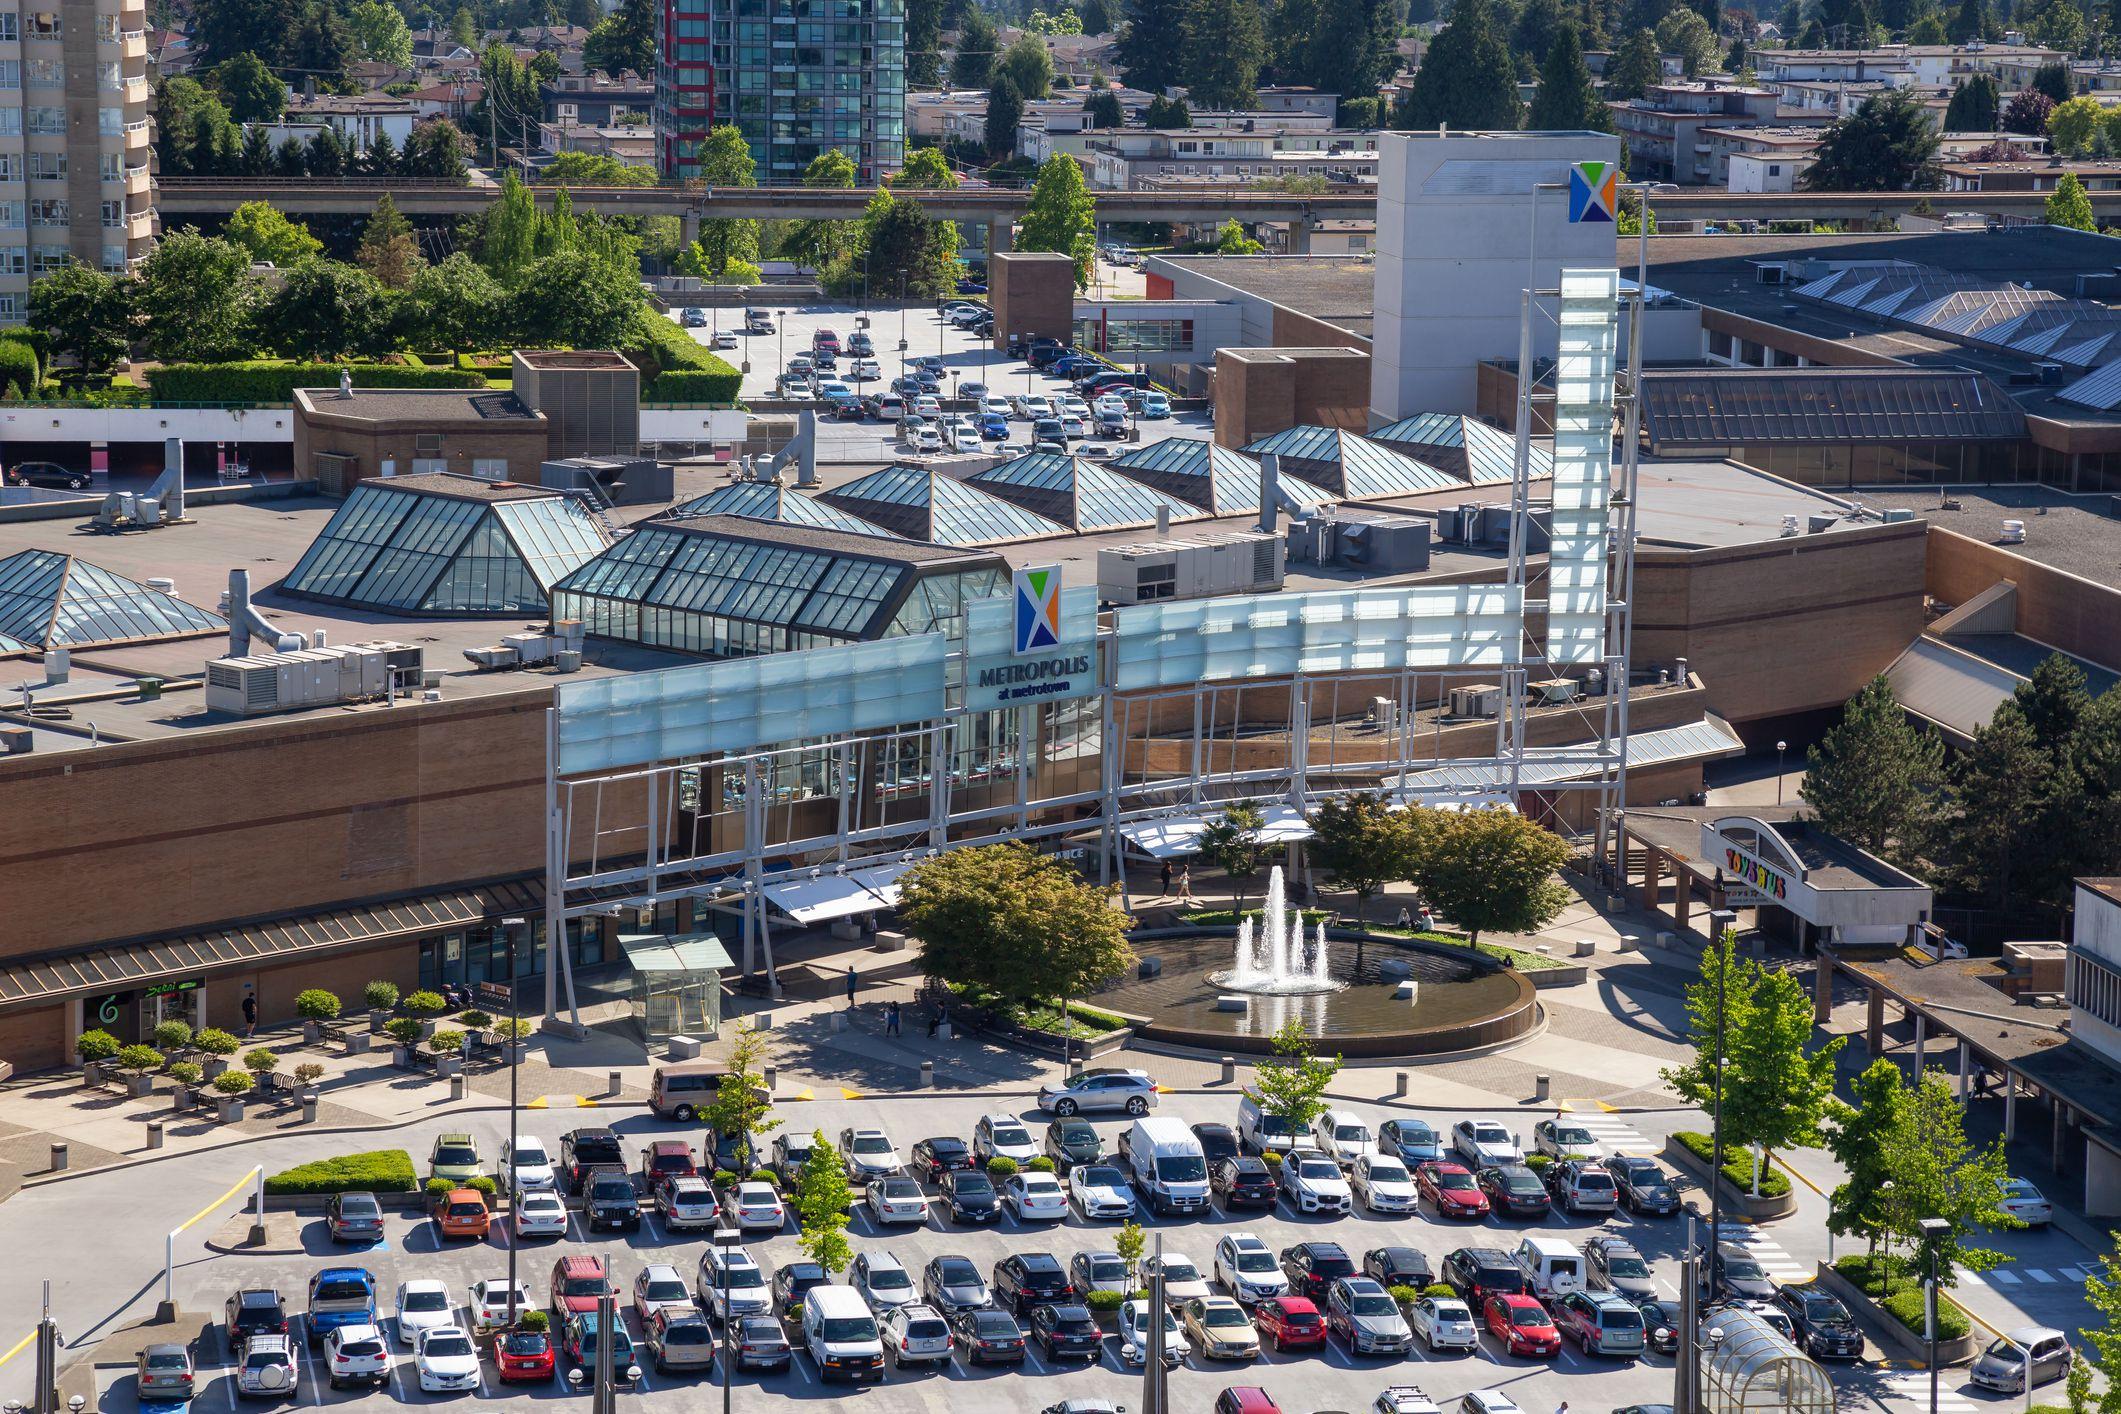 Metropolis at Metrotown shopping center, Barnaby, British Columbia